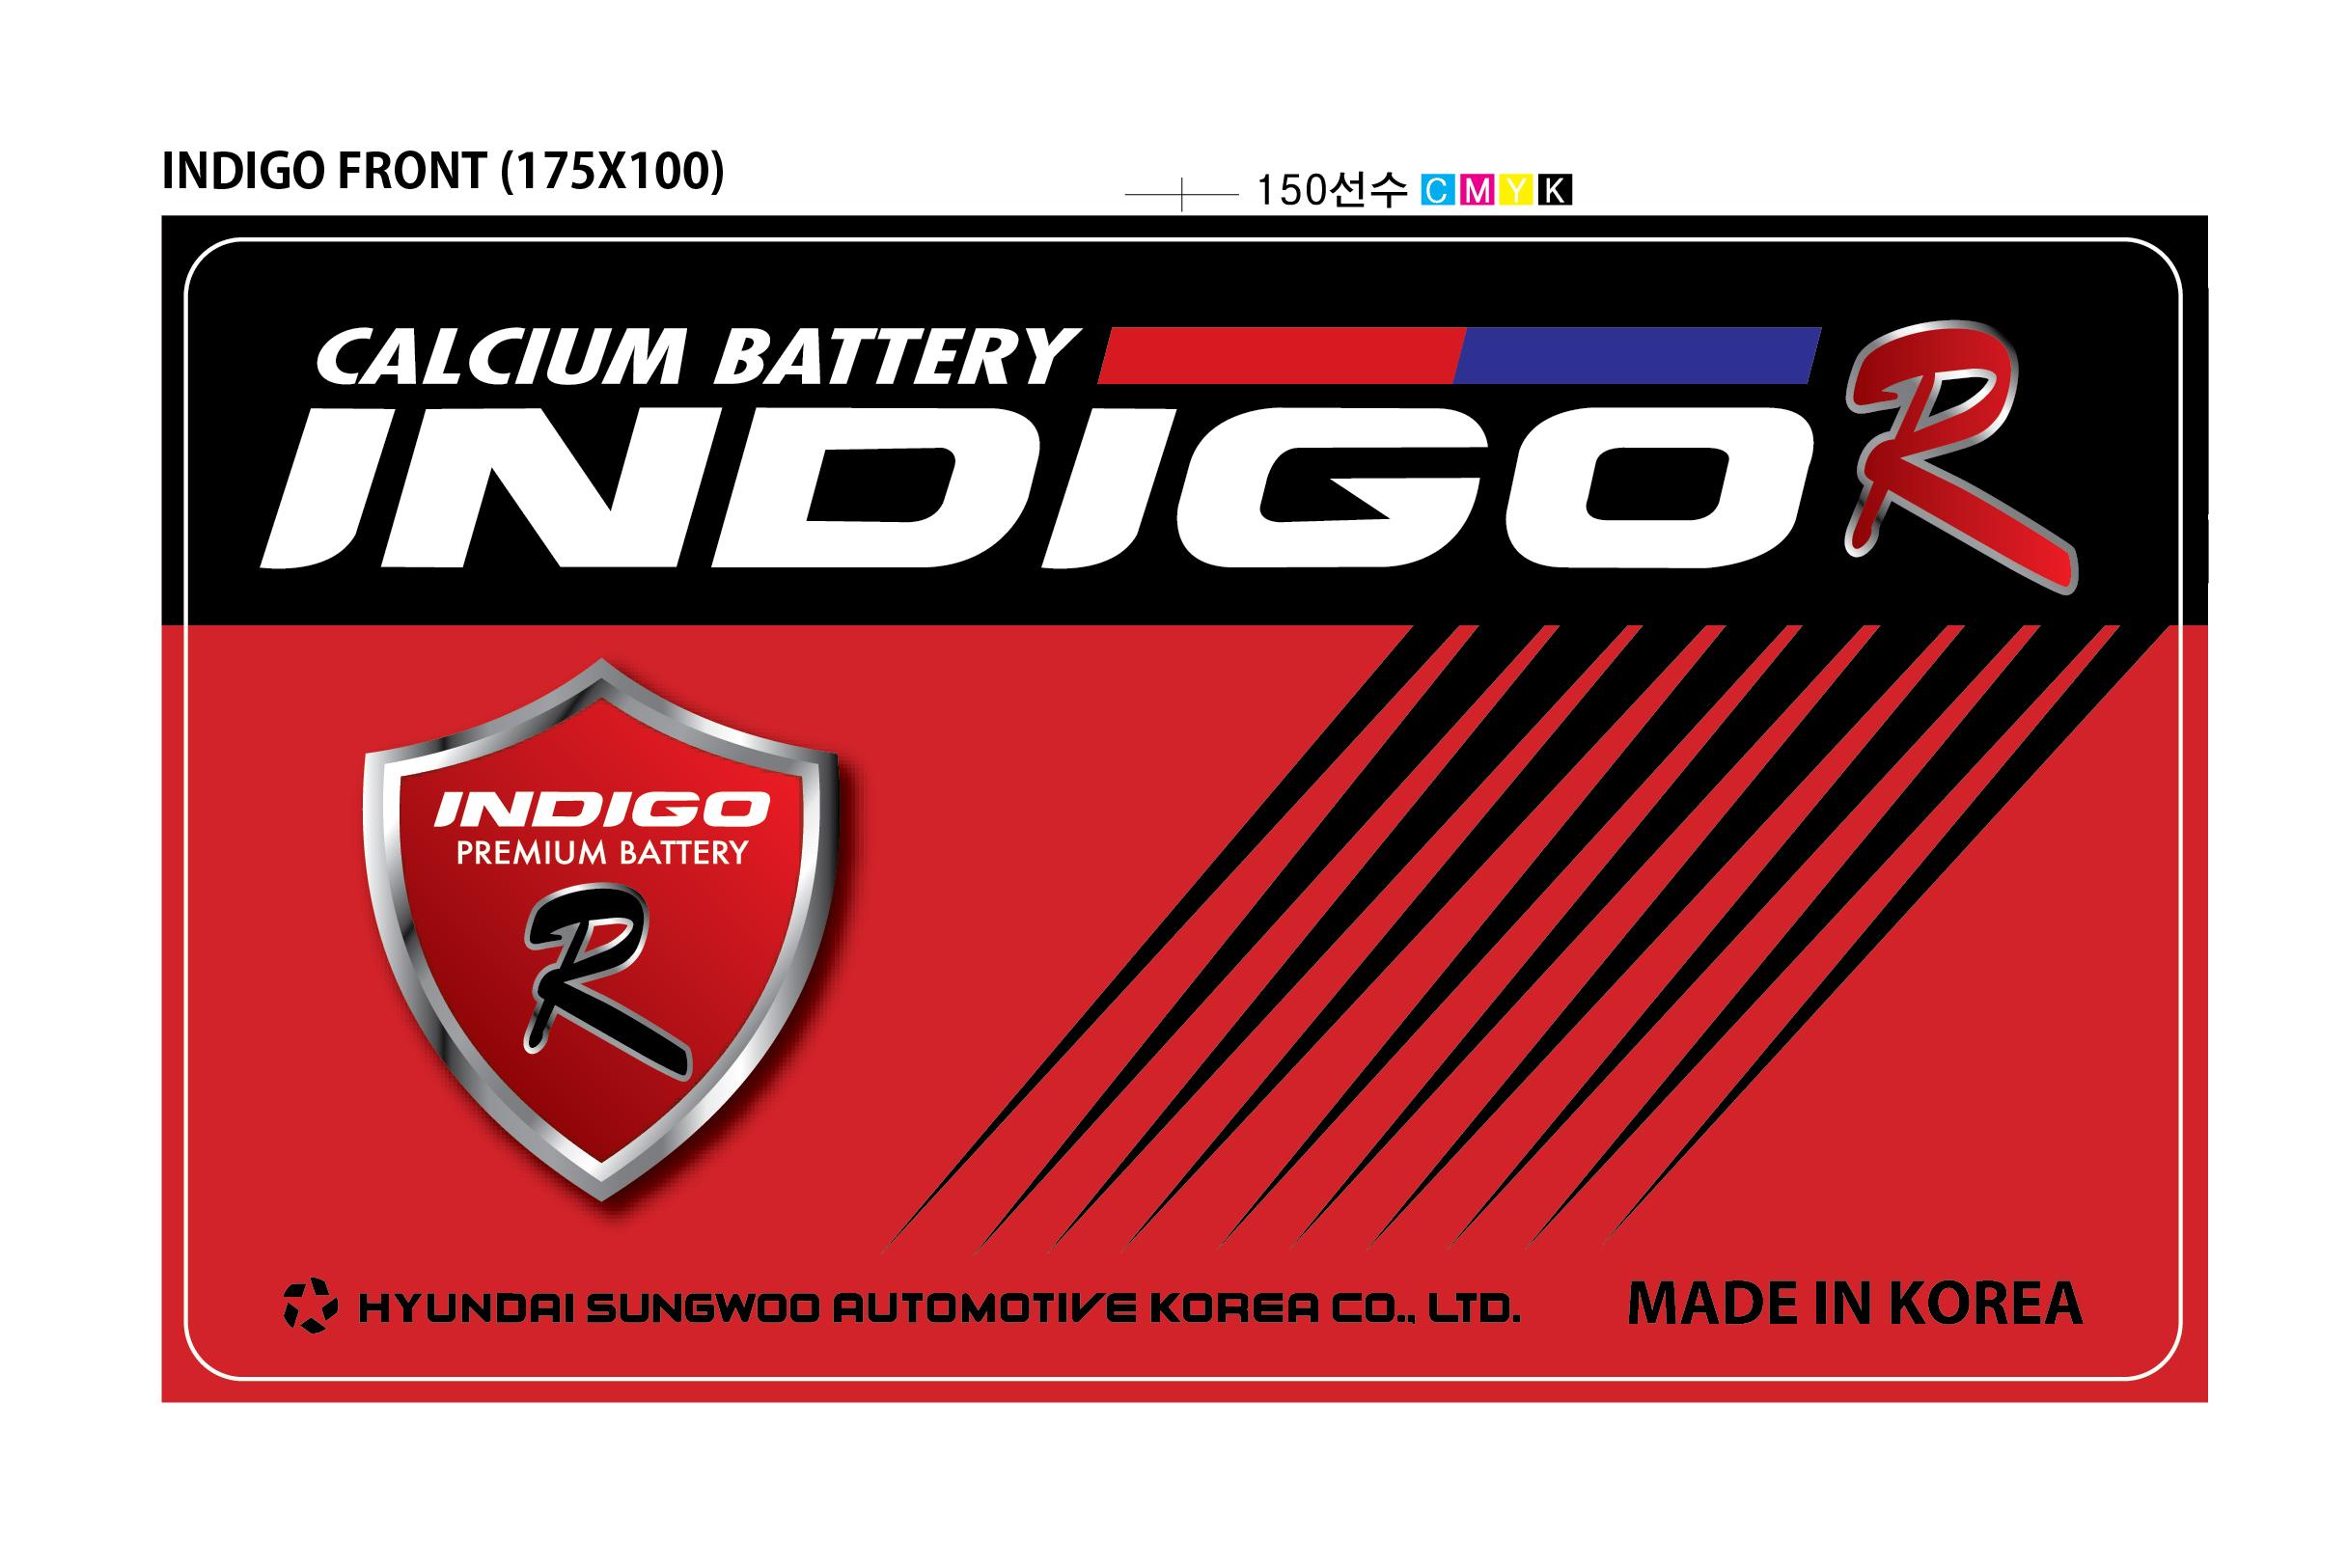 INDIGO R